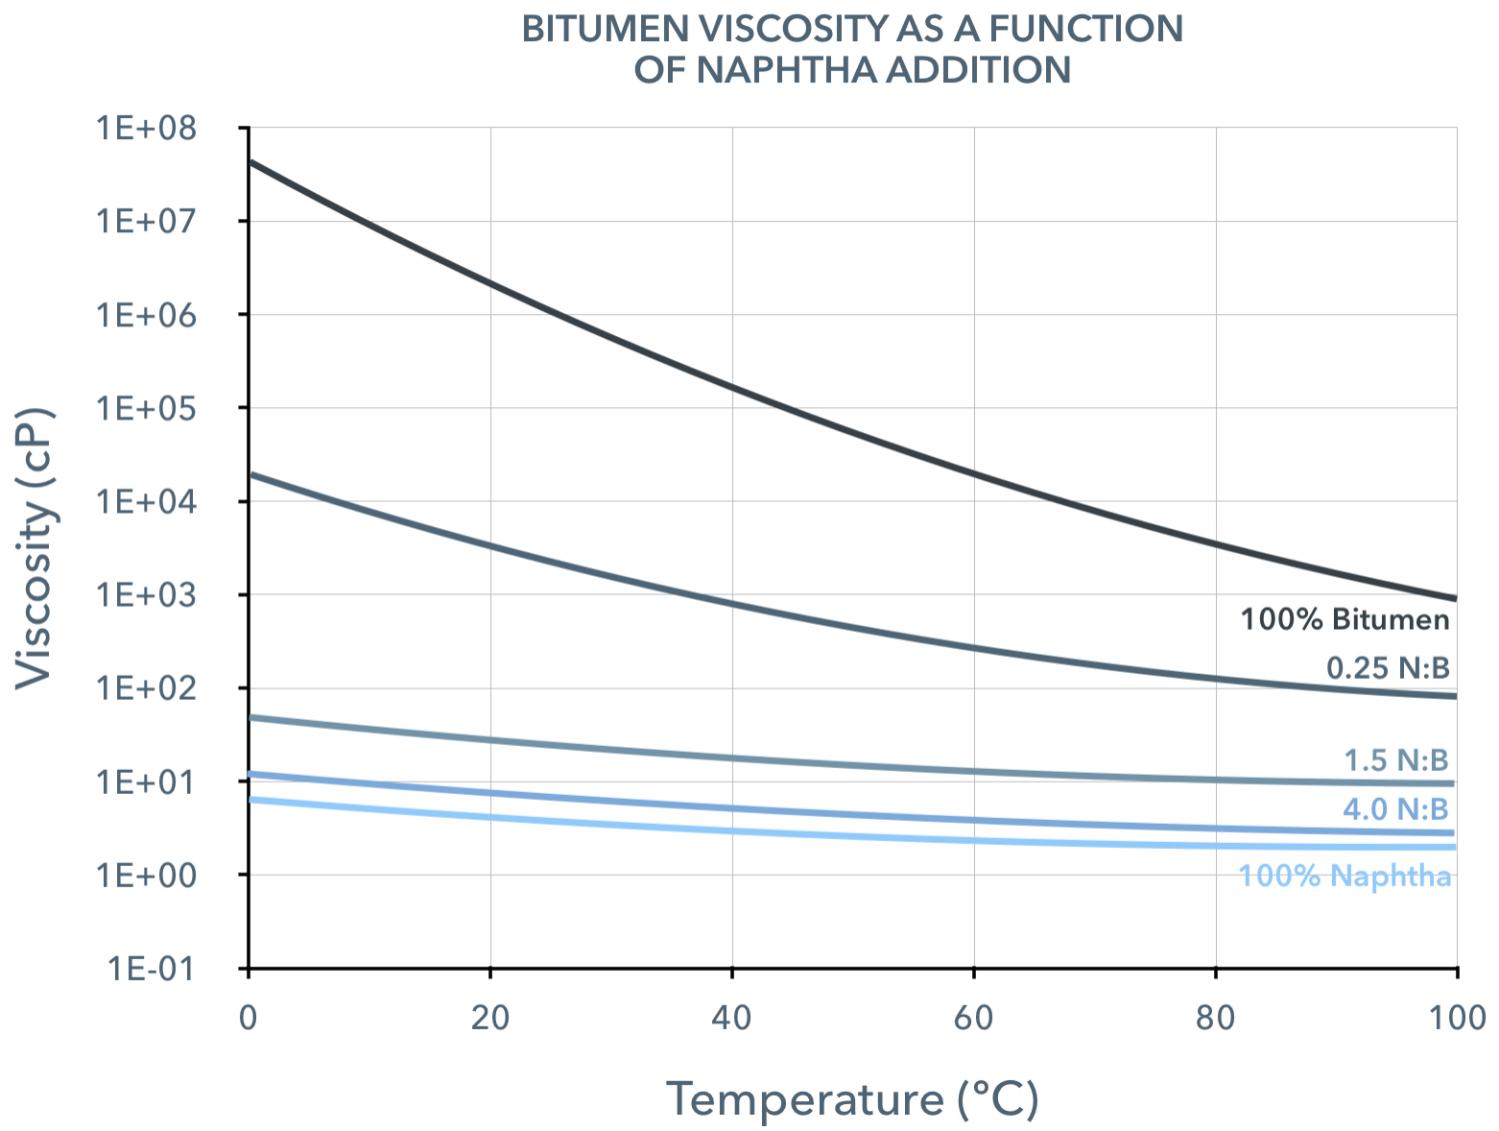 bitumen-viscosity-vs-naphtha-content.png